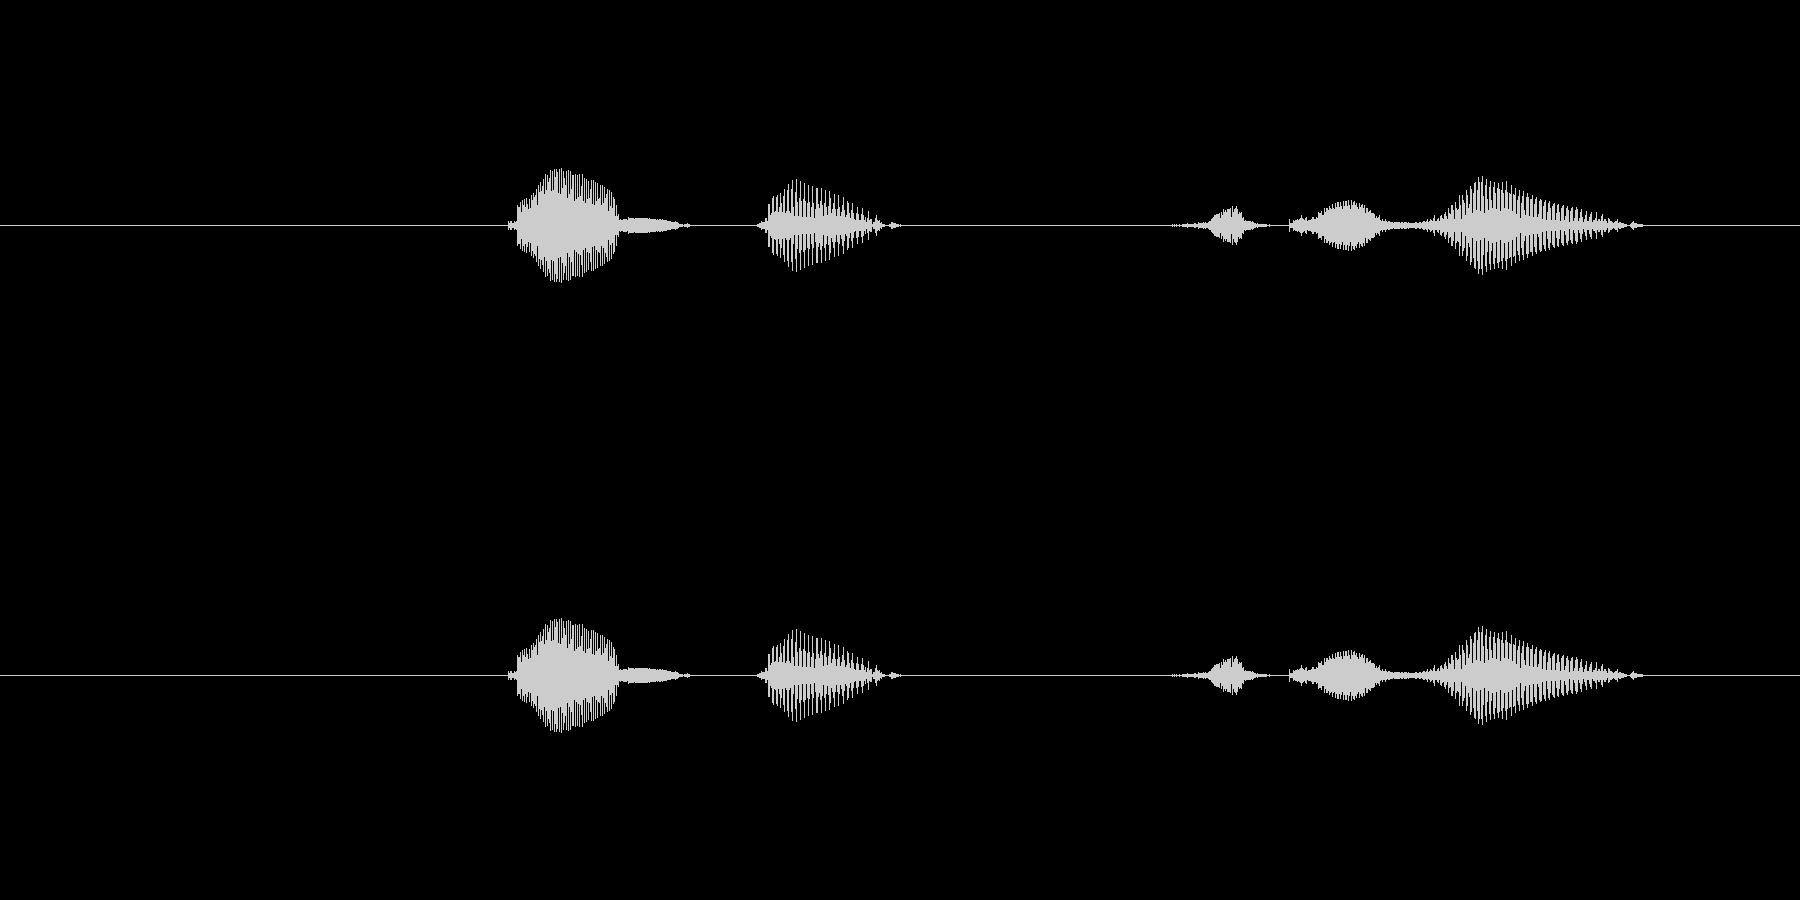 テンポ、80の未再生の波形